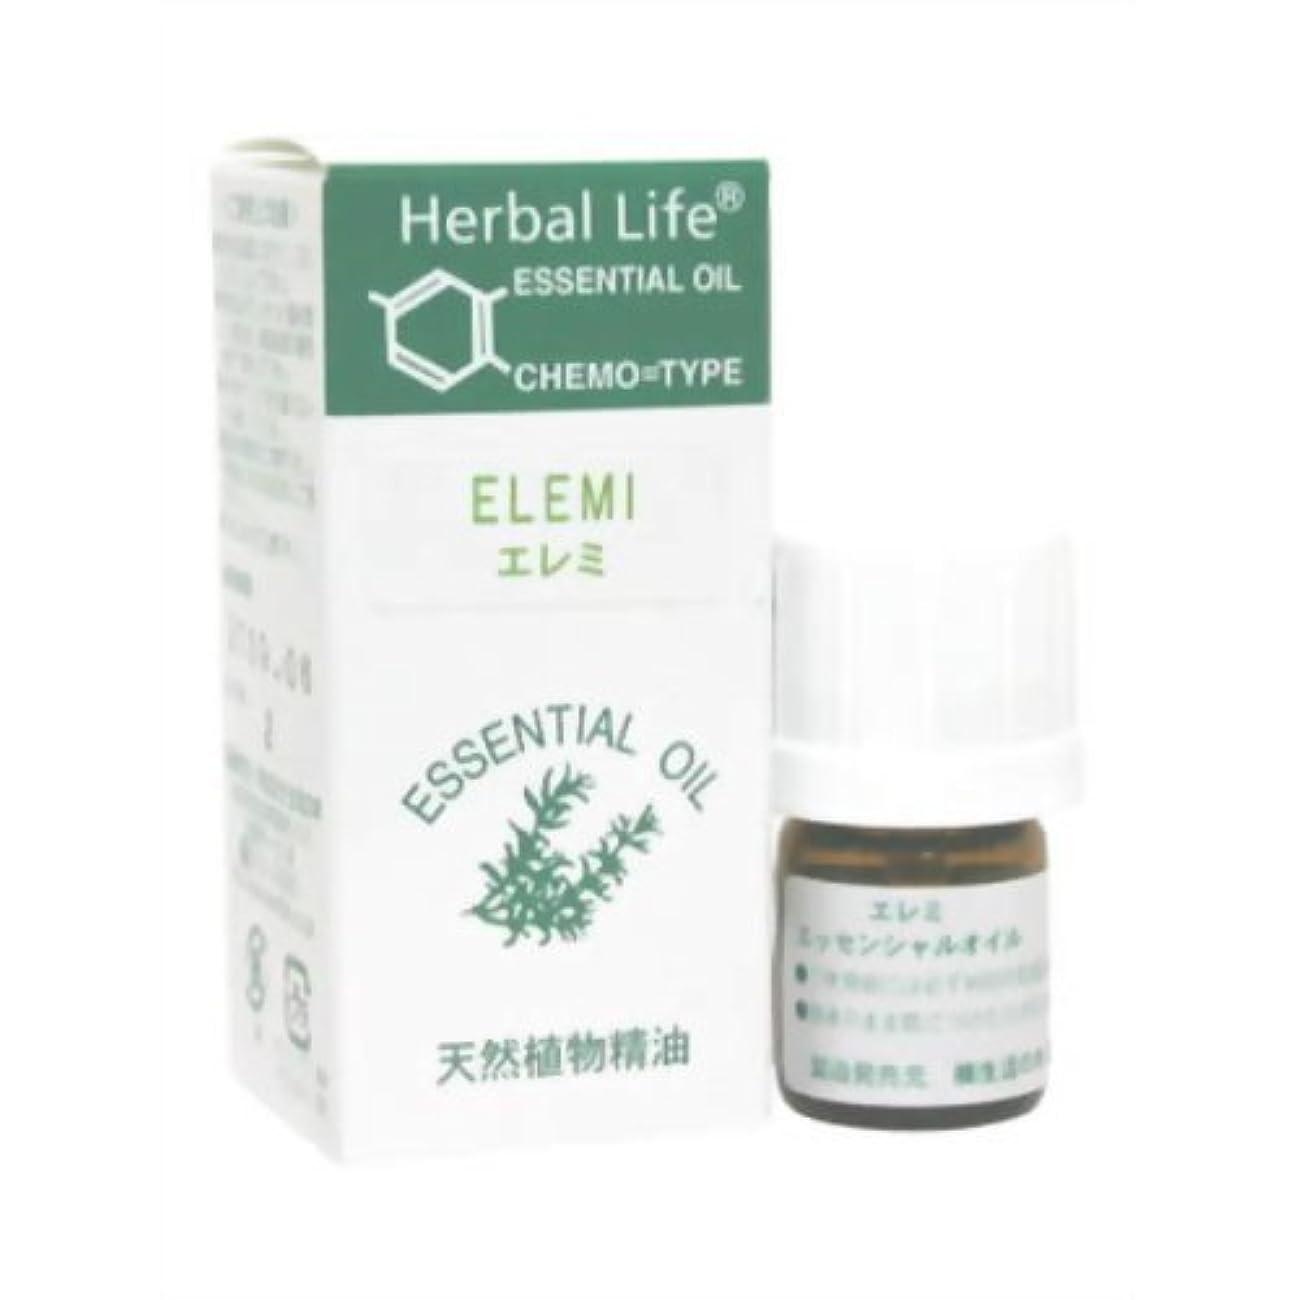 拘束するヒロイックキャラバン生活の木 Herbal Life エレミ 3ml